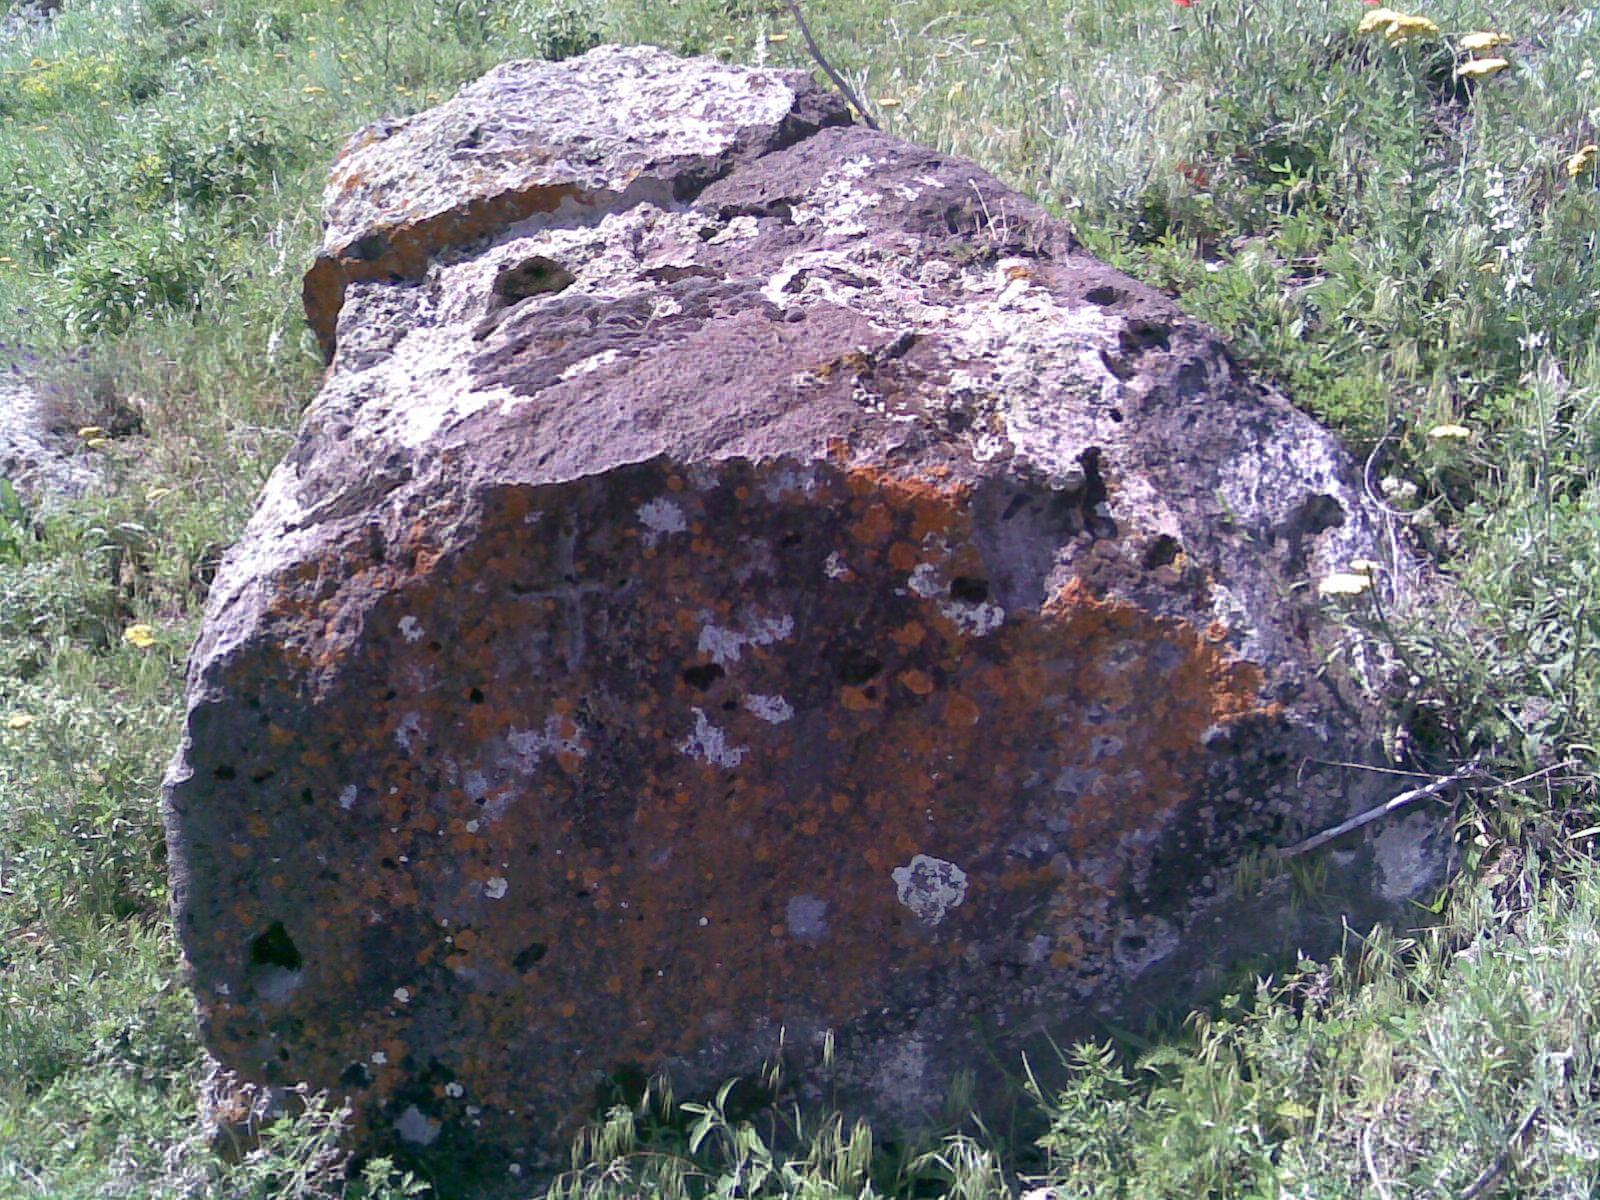 Kaya üstünde sıralı delikler işaretinin